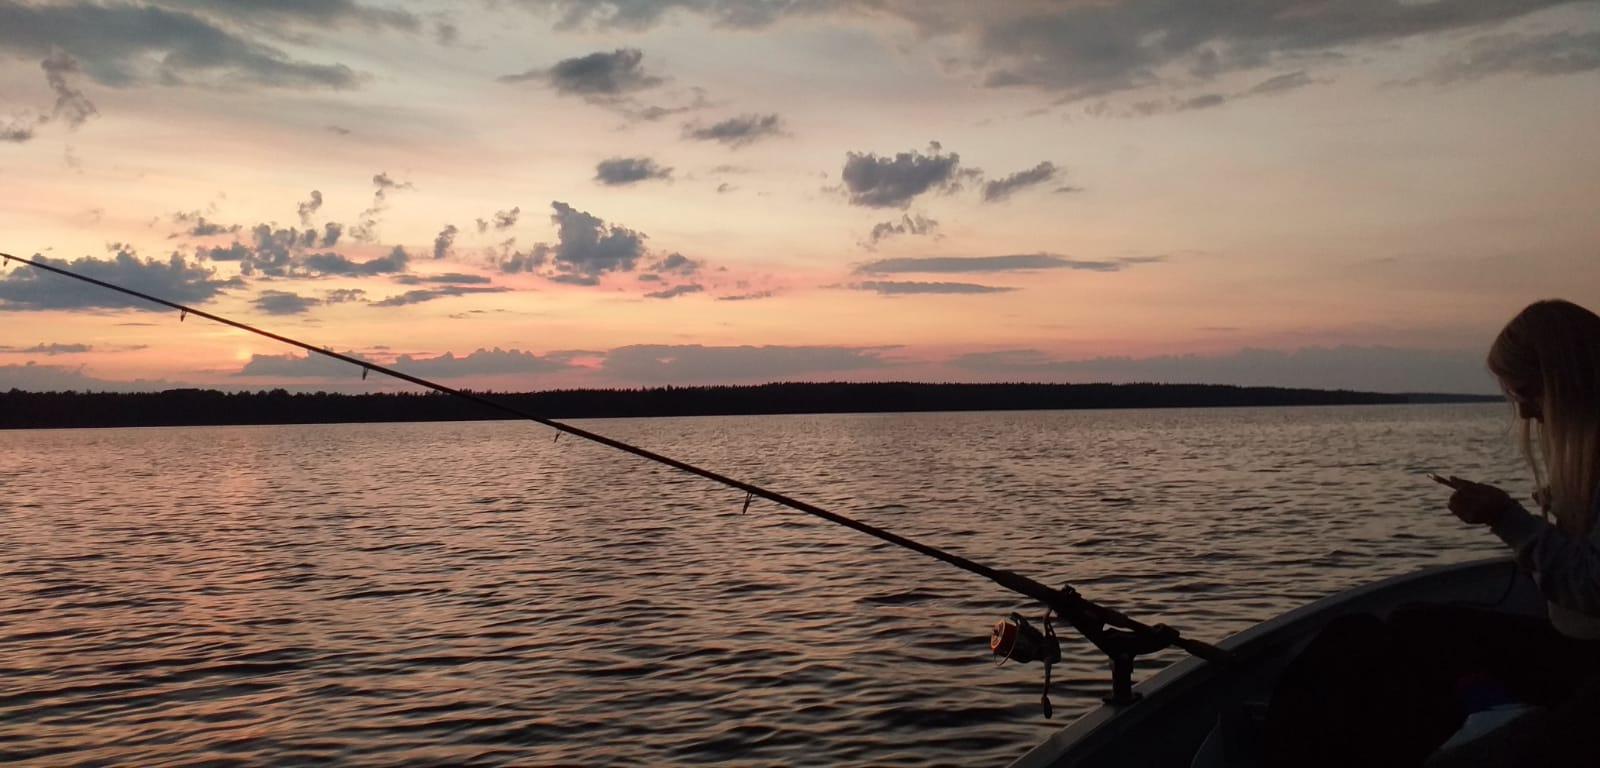 Abenddämmerung Auf Dem See Rusken